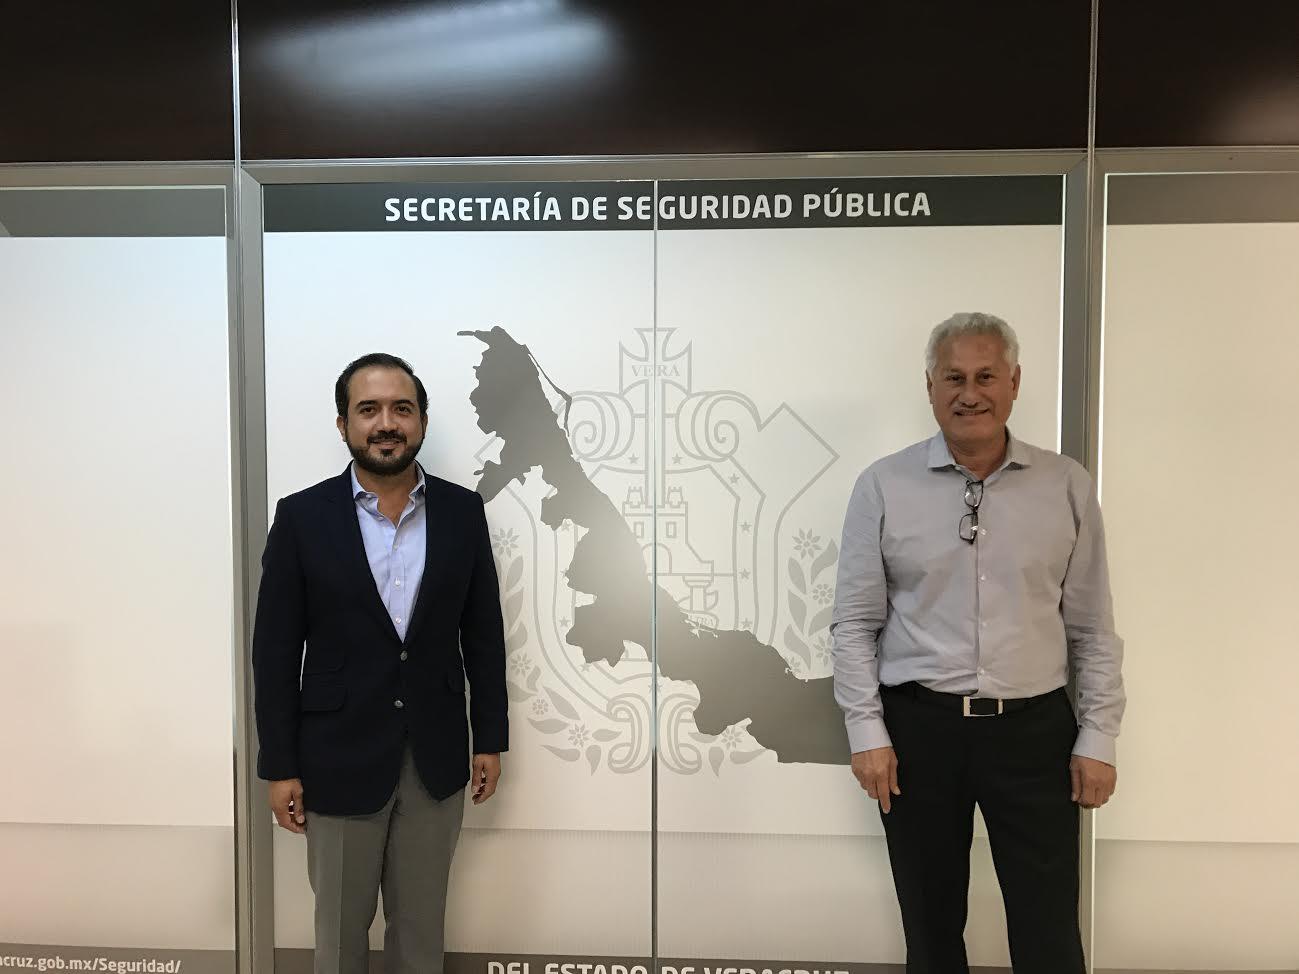 Fernando Yunes se reúne con el secretario de seguridad publica Jaime Téllez Marié